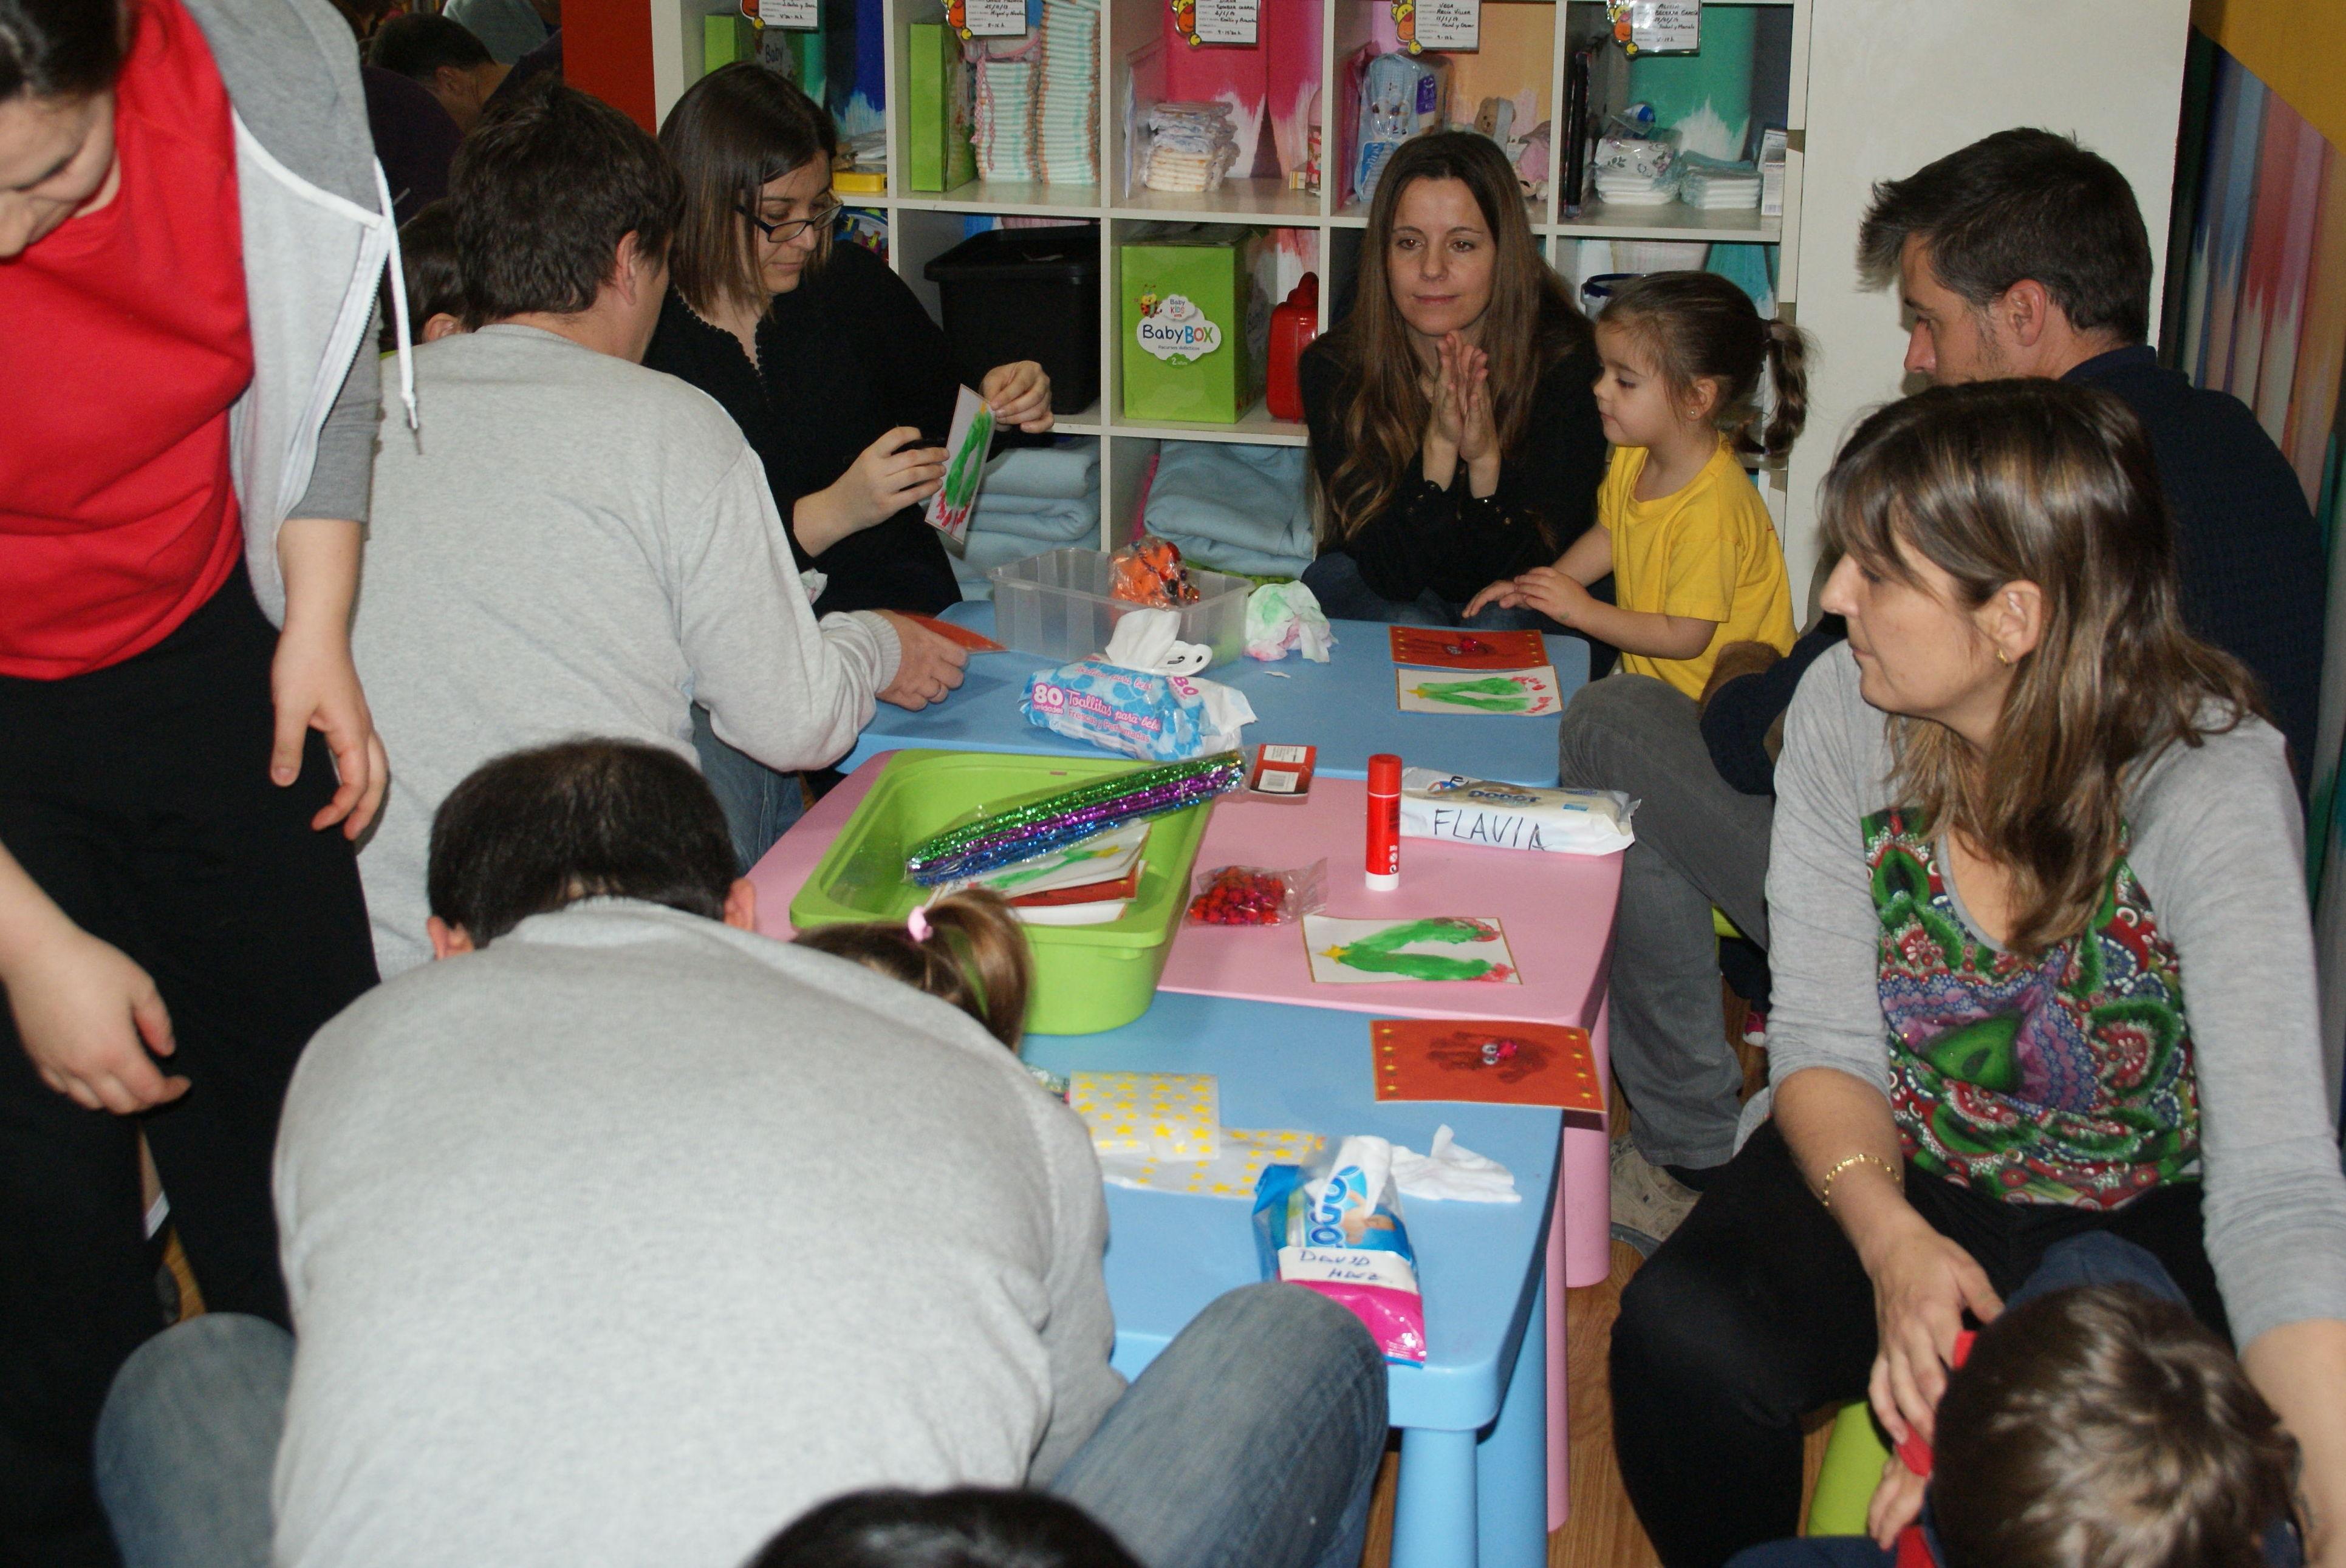 Foto 7 de Escuela infantil para niños de 0 a 3 años en Getafe | Escuela Infantil Bebines